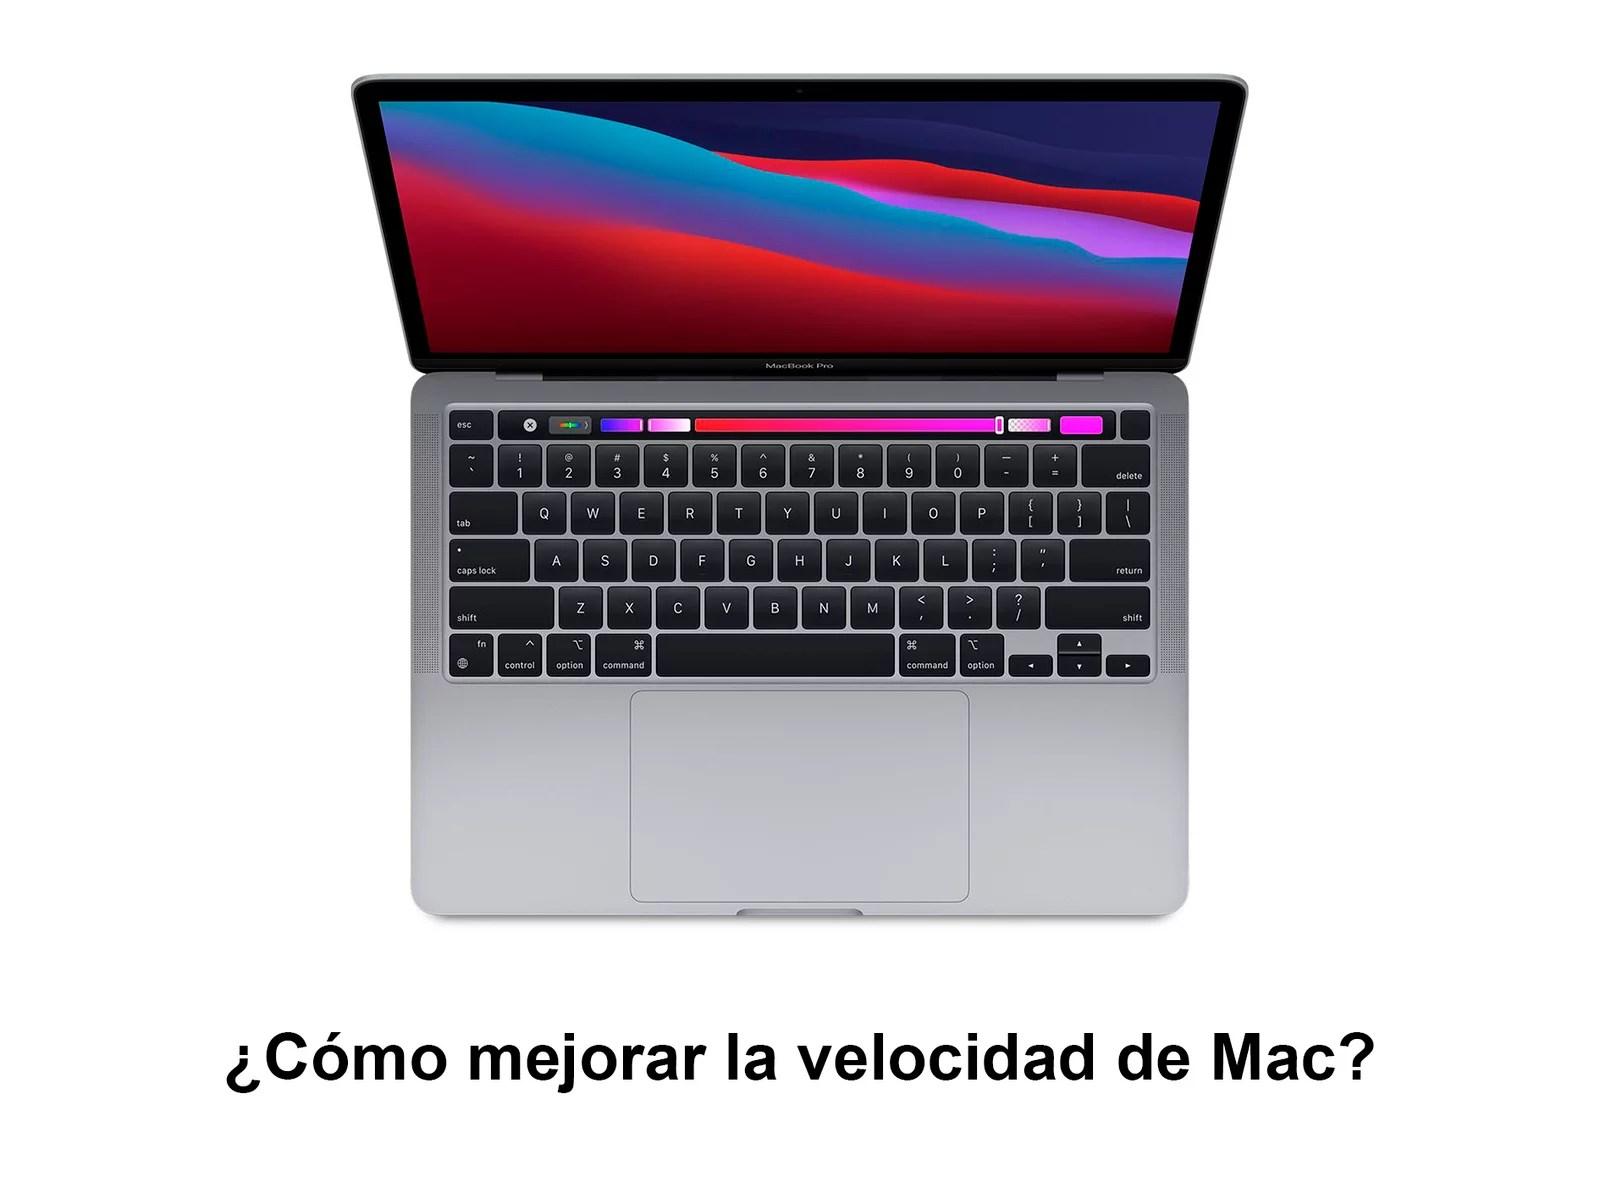 Hacemos que tu Macbook vaya más rápido